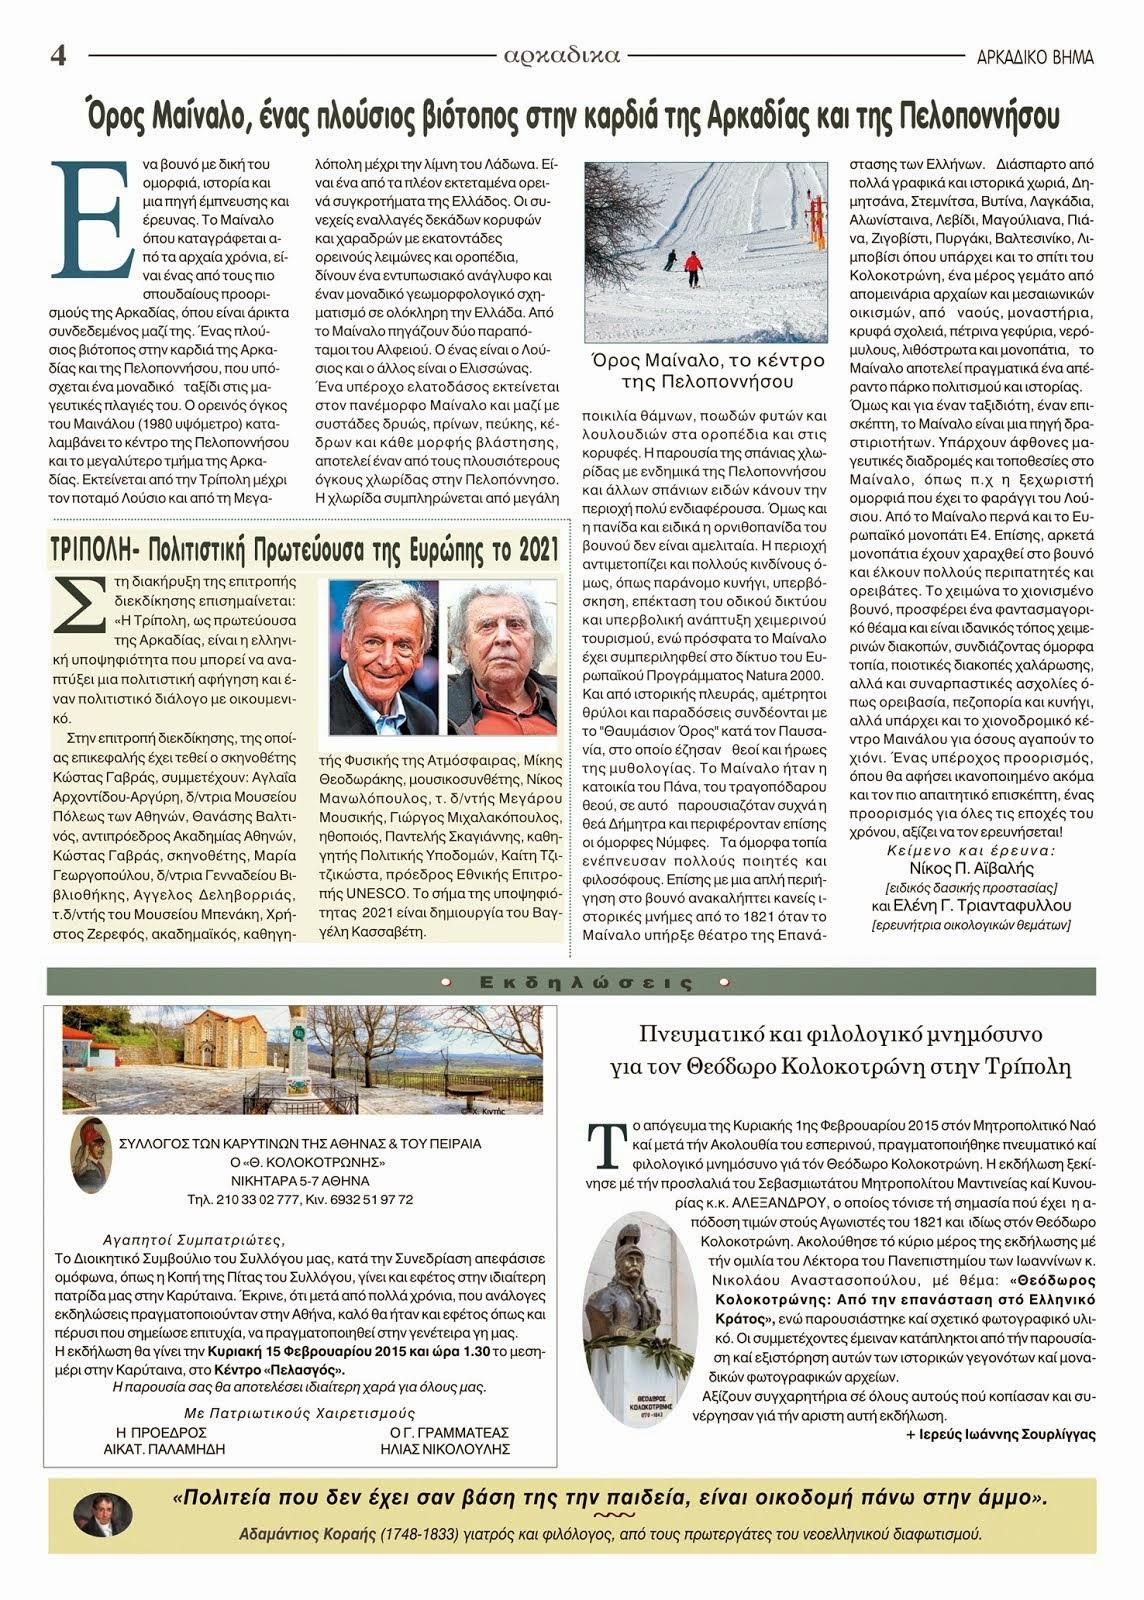 """""""Αρκαδικό Βήμα"""": Όρος Μαίναλο, ένα πλούσιος βιότοπος"""